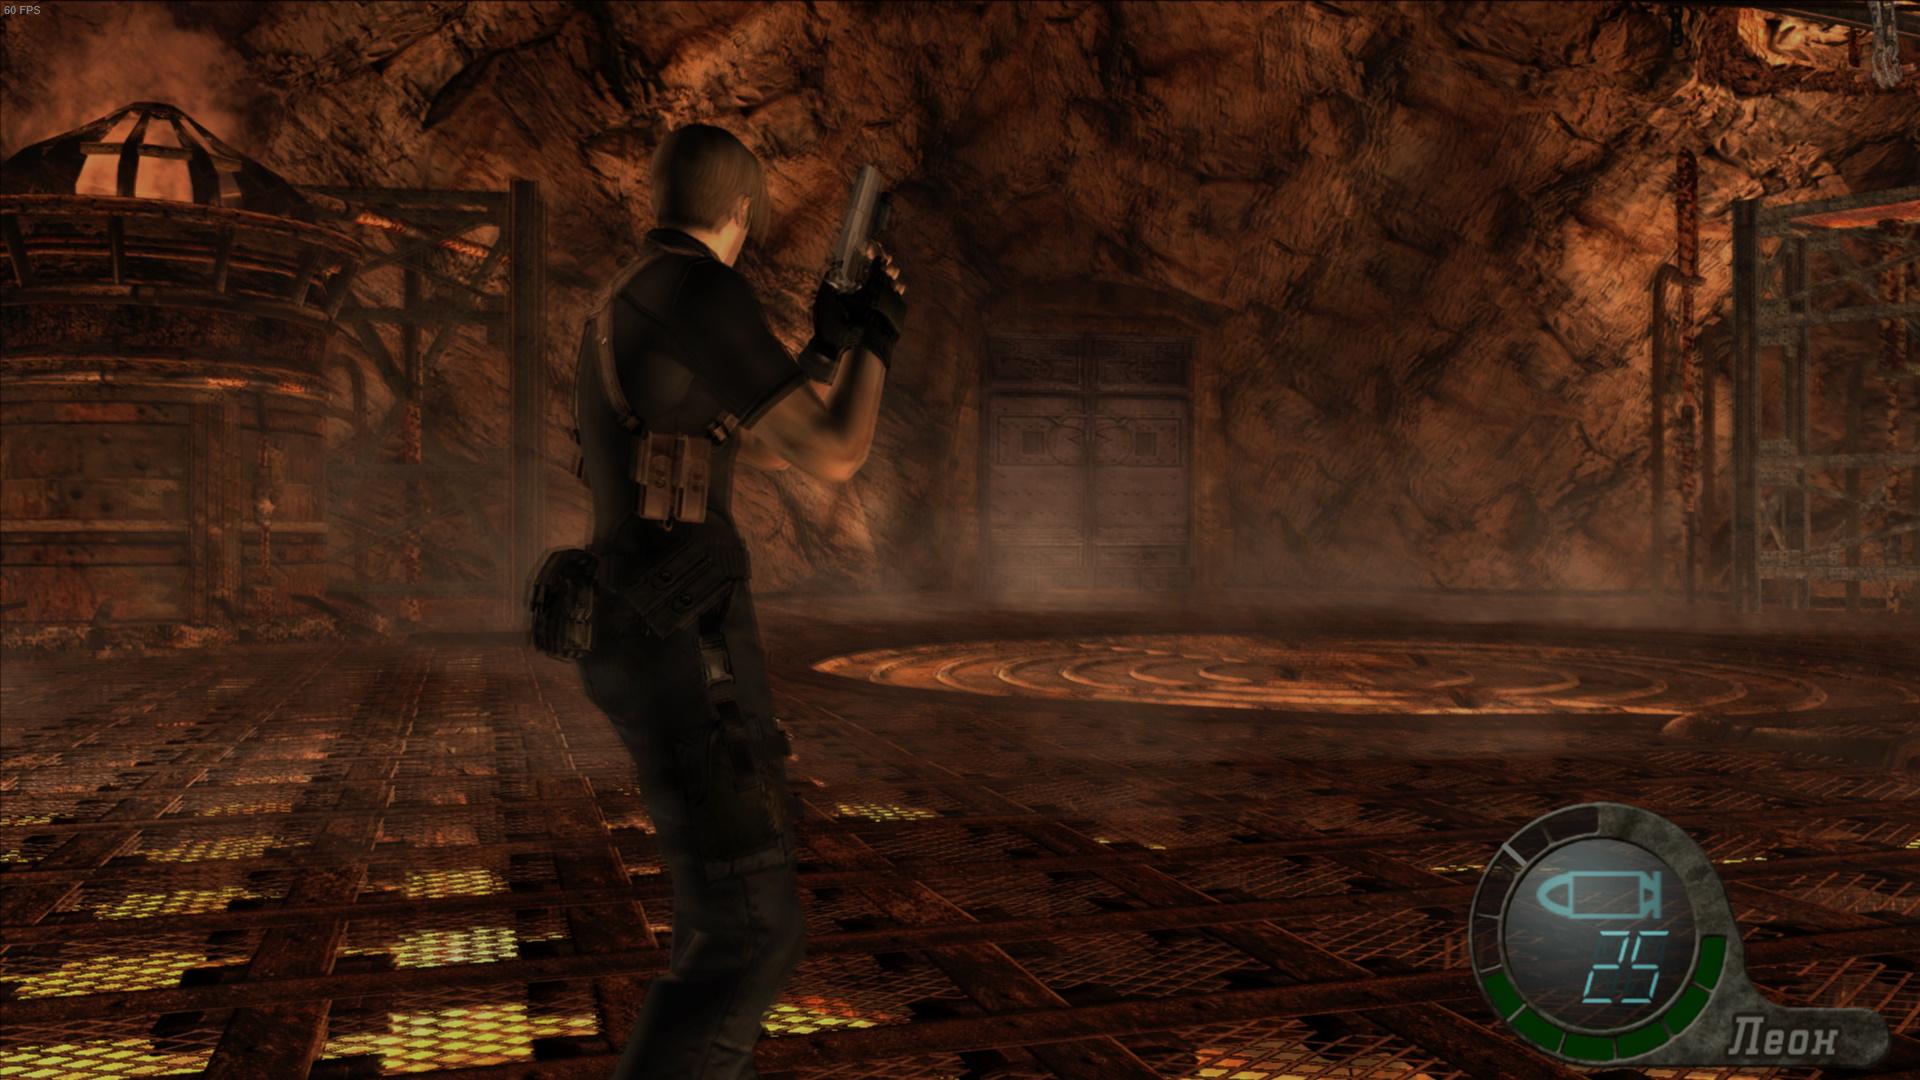 bio4 2018-11-17 00-31-36-241.jpg - Resident Evil 4